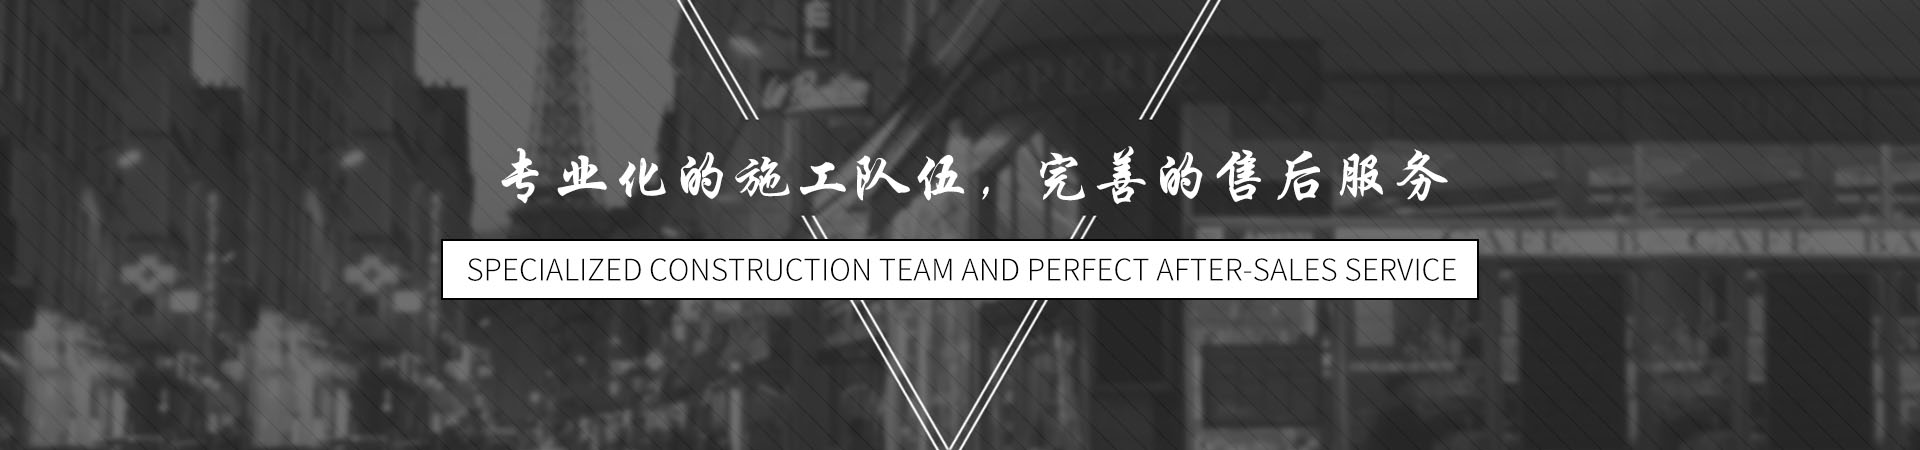 中山市永旺地板材料有限公司1